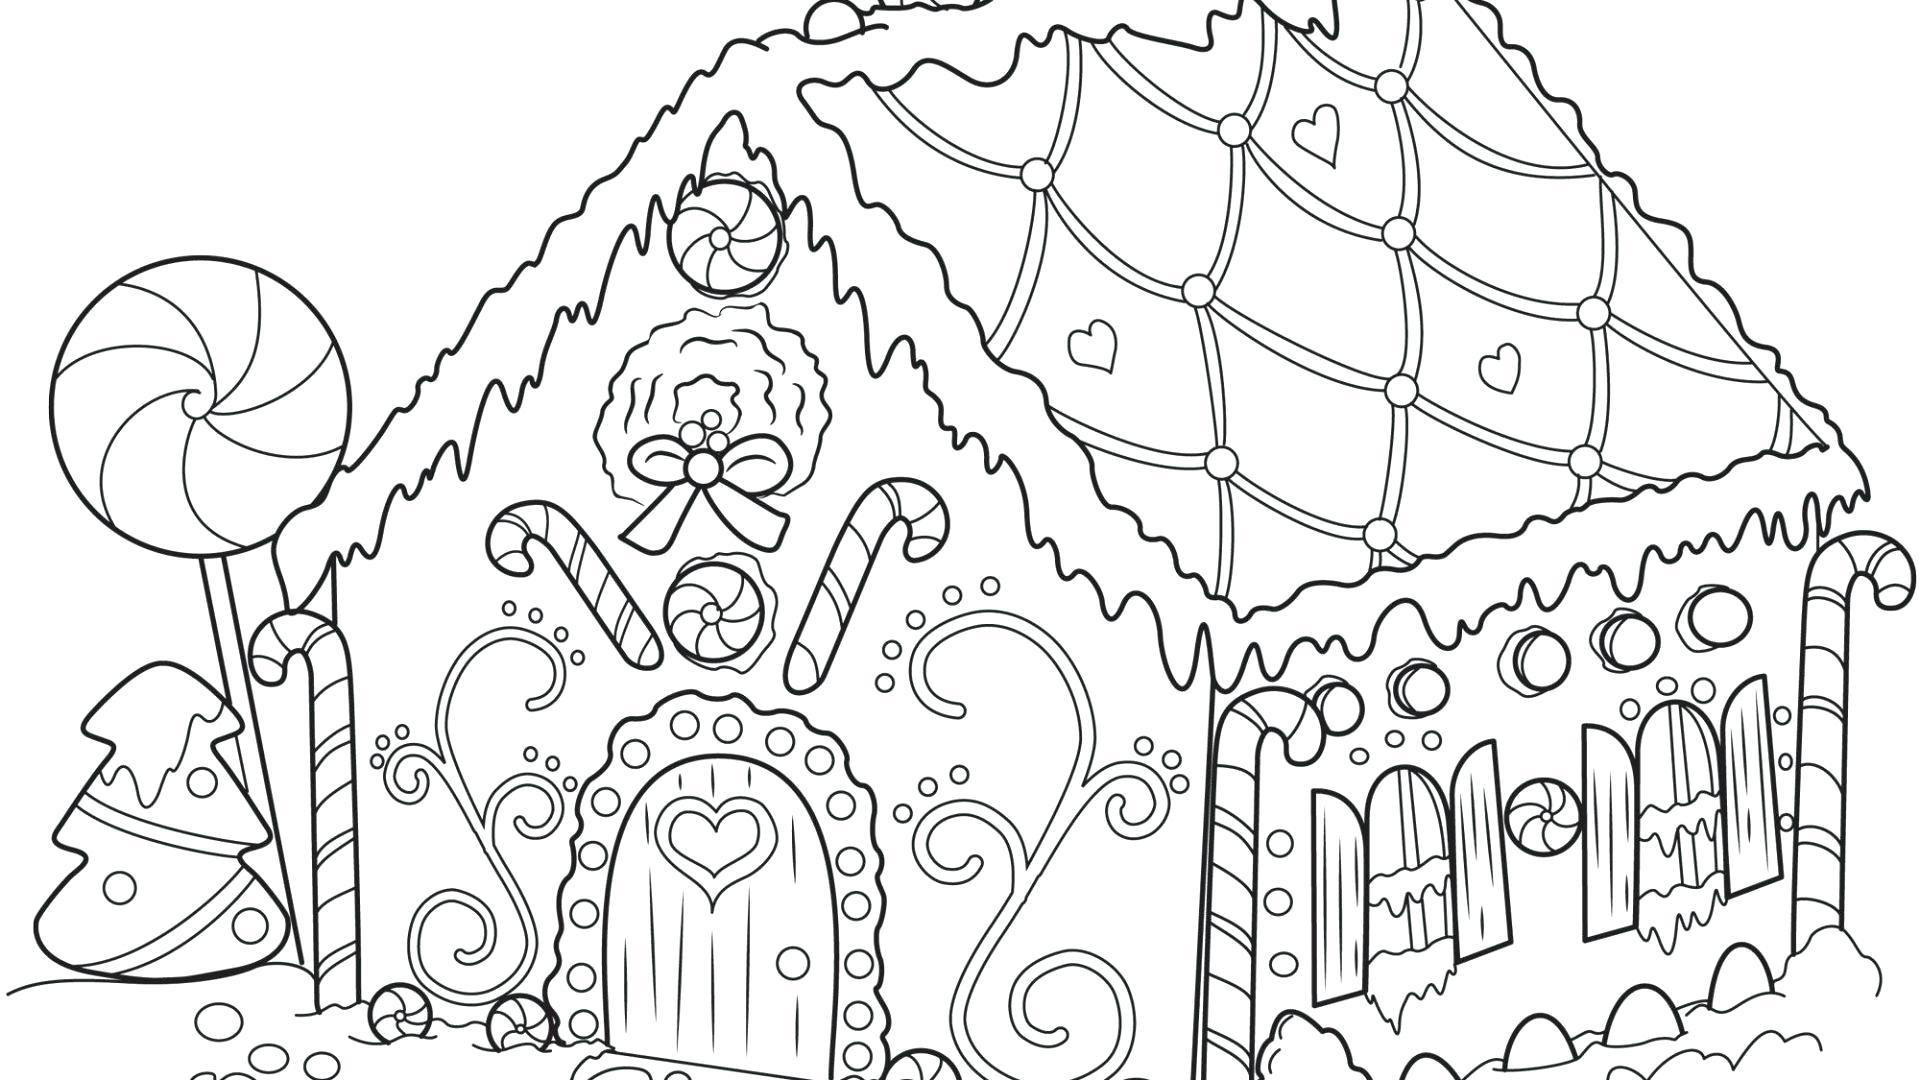 Drawing Worksheet For Preschool At Getdrawings